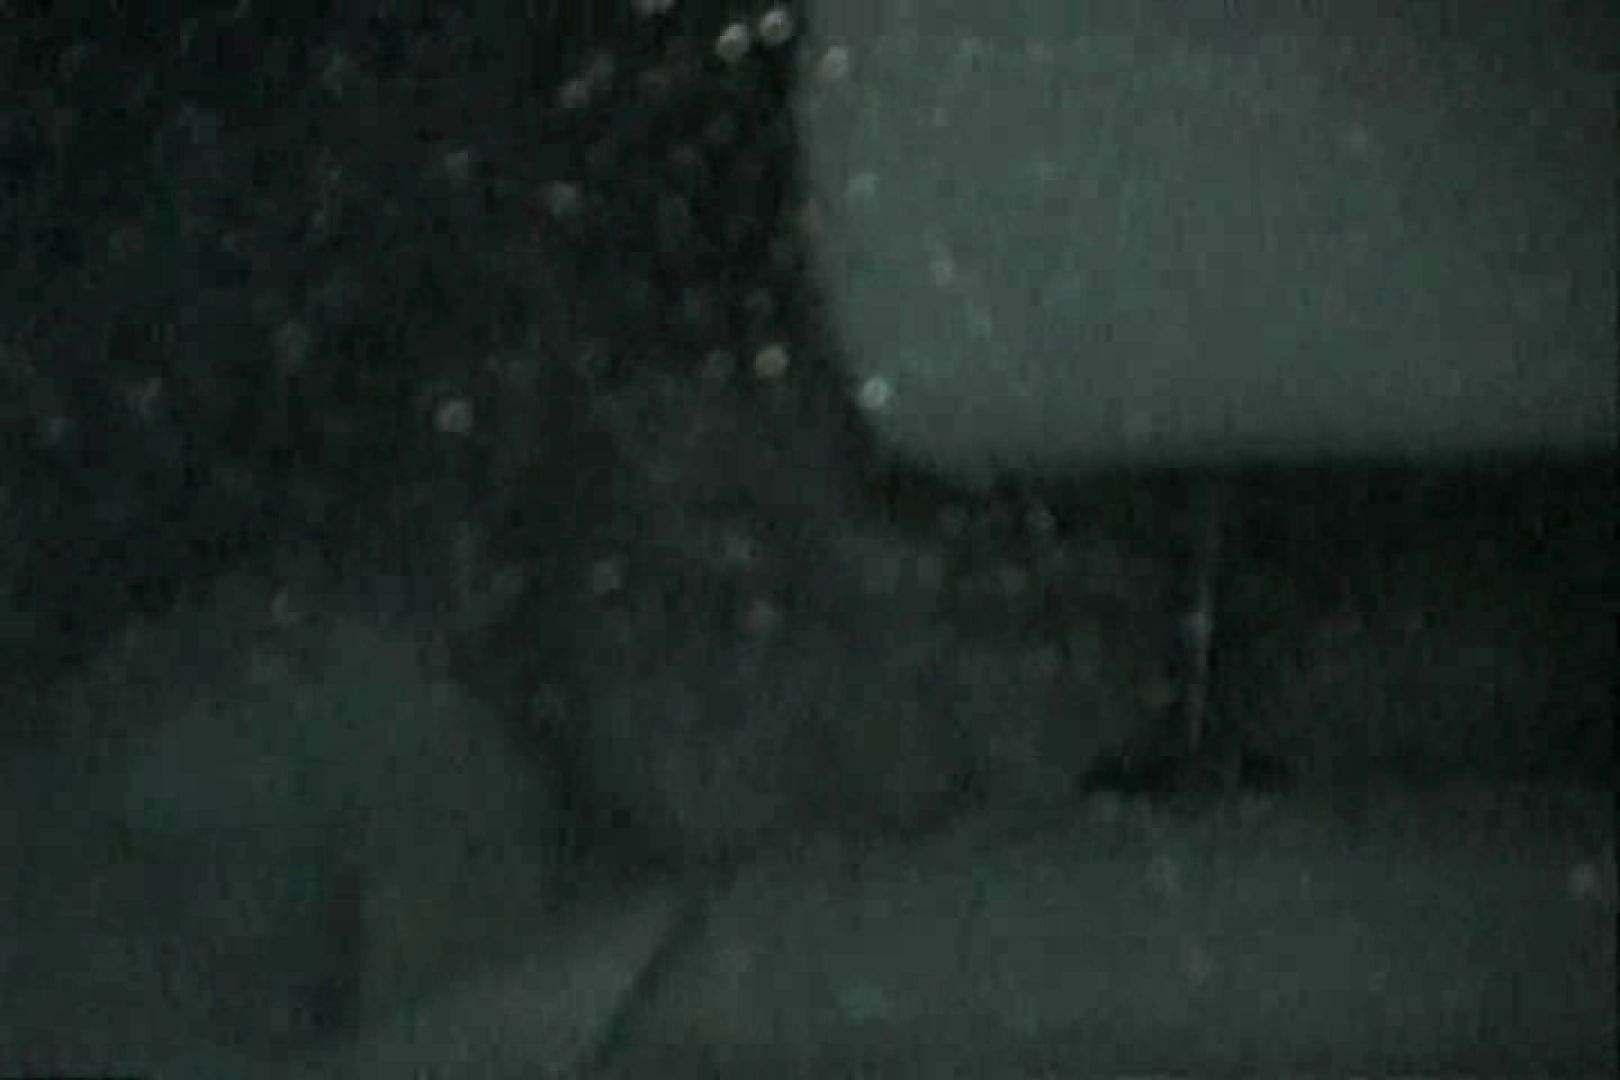 充血監督の深夜の運動会Vol.128 手マンエロ画像 隠し撮りすけべAV動画紹介 50PICs 17